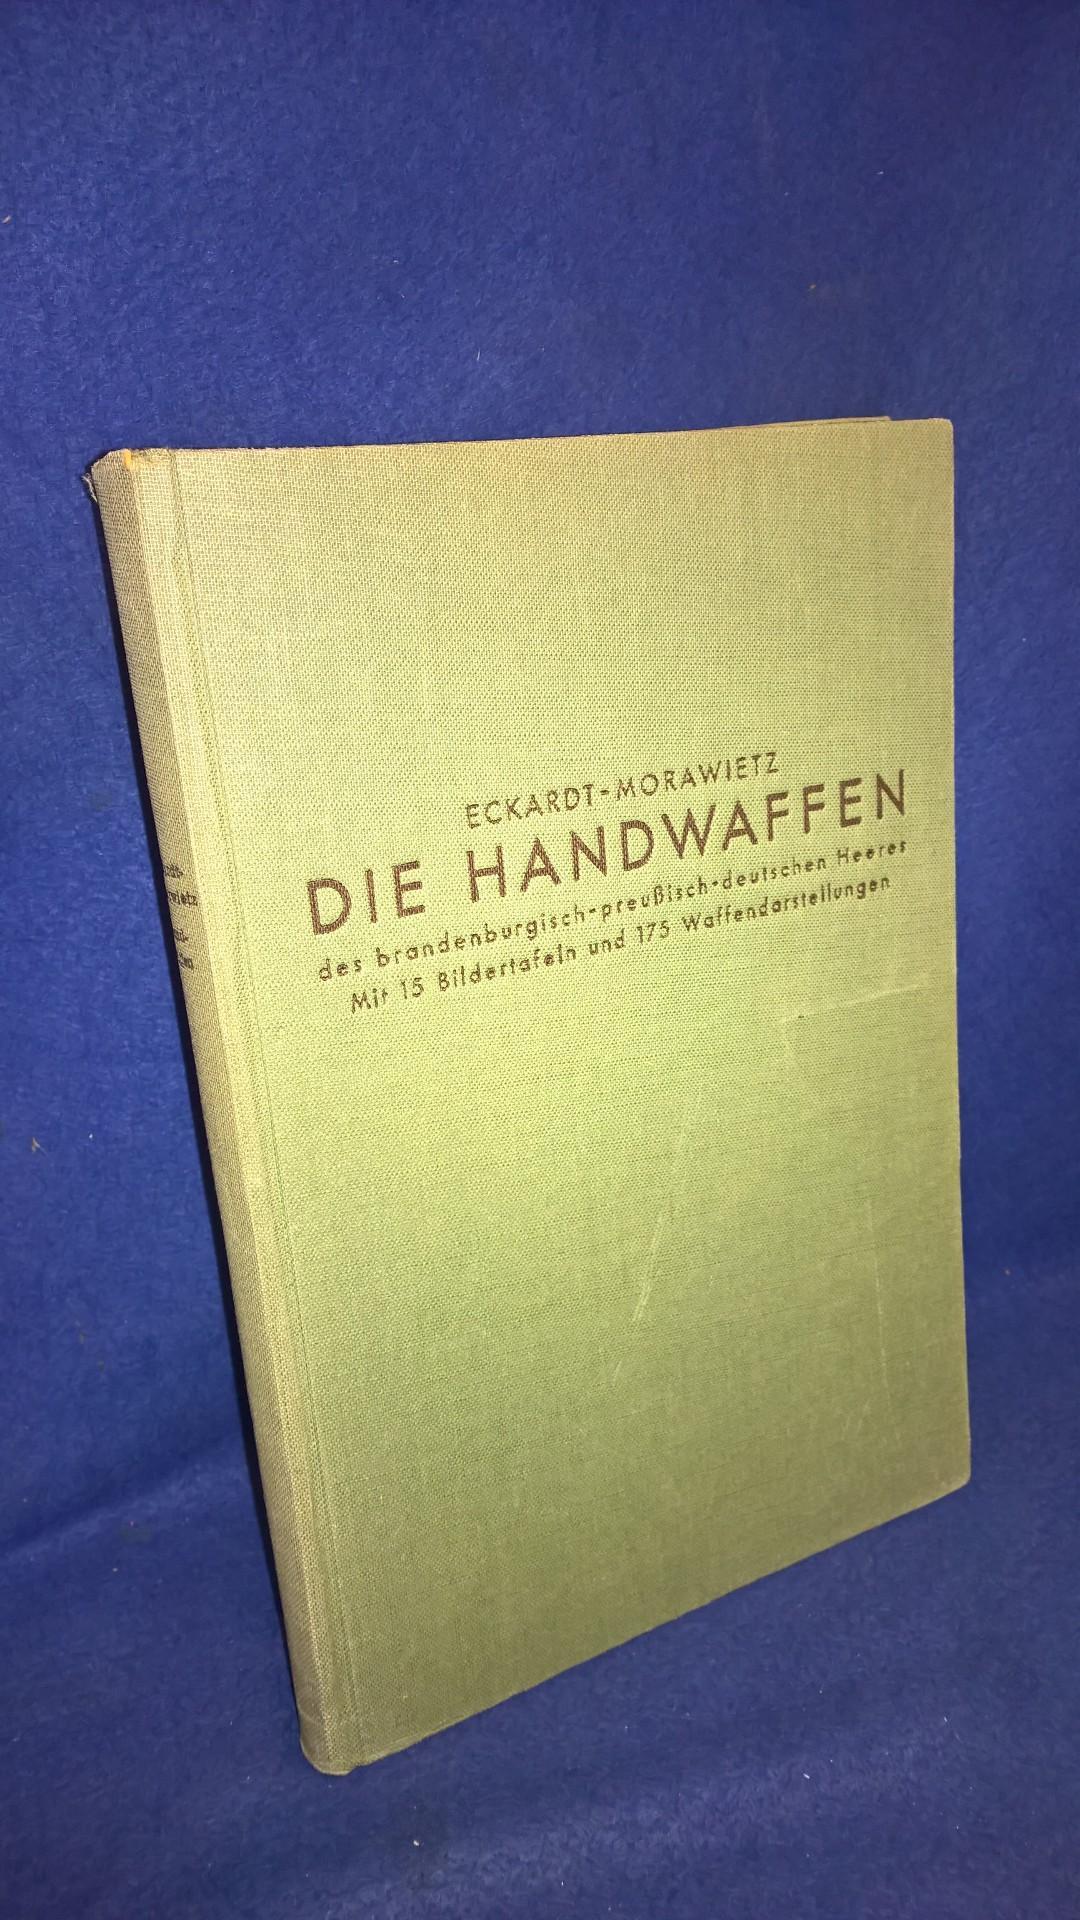 Die Handwaffen des brandenburgisch - preusisch - deutschen Heeres.